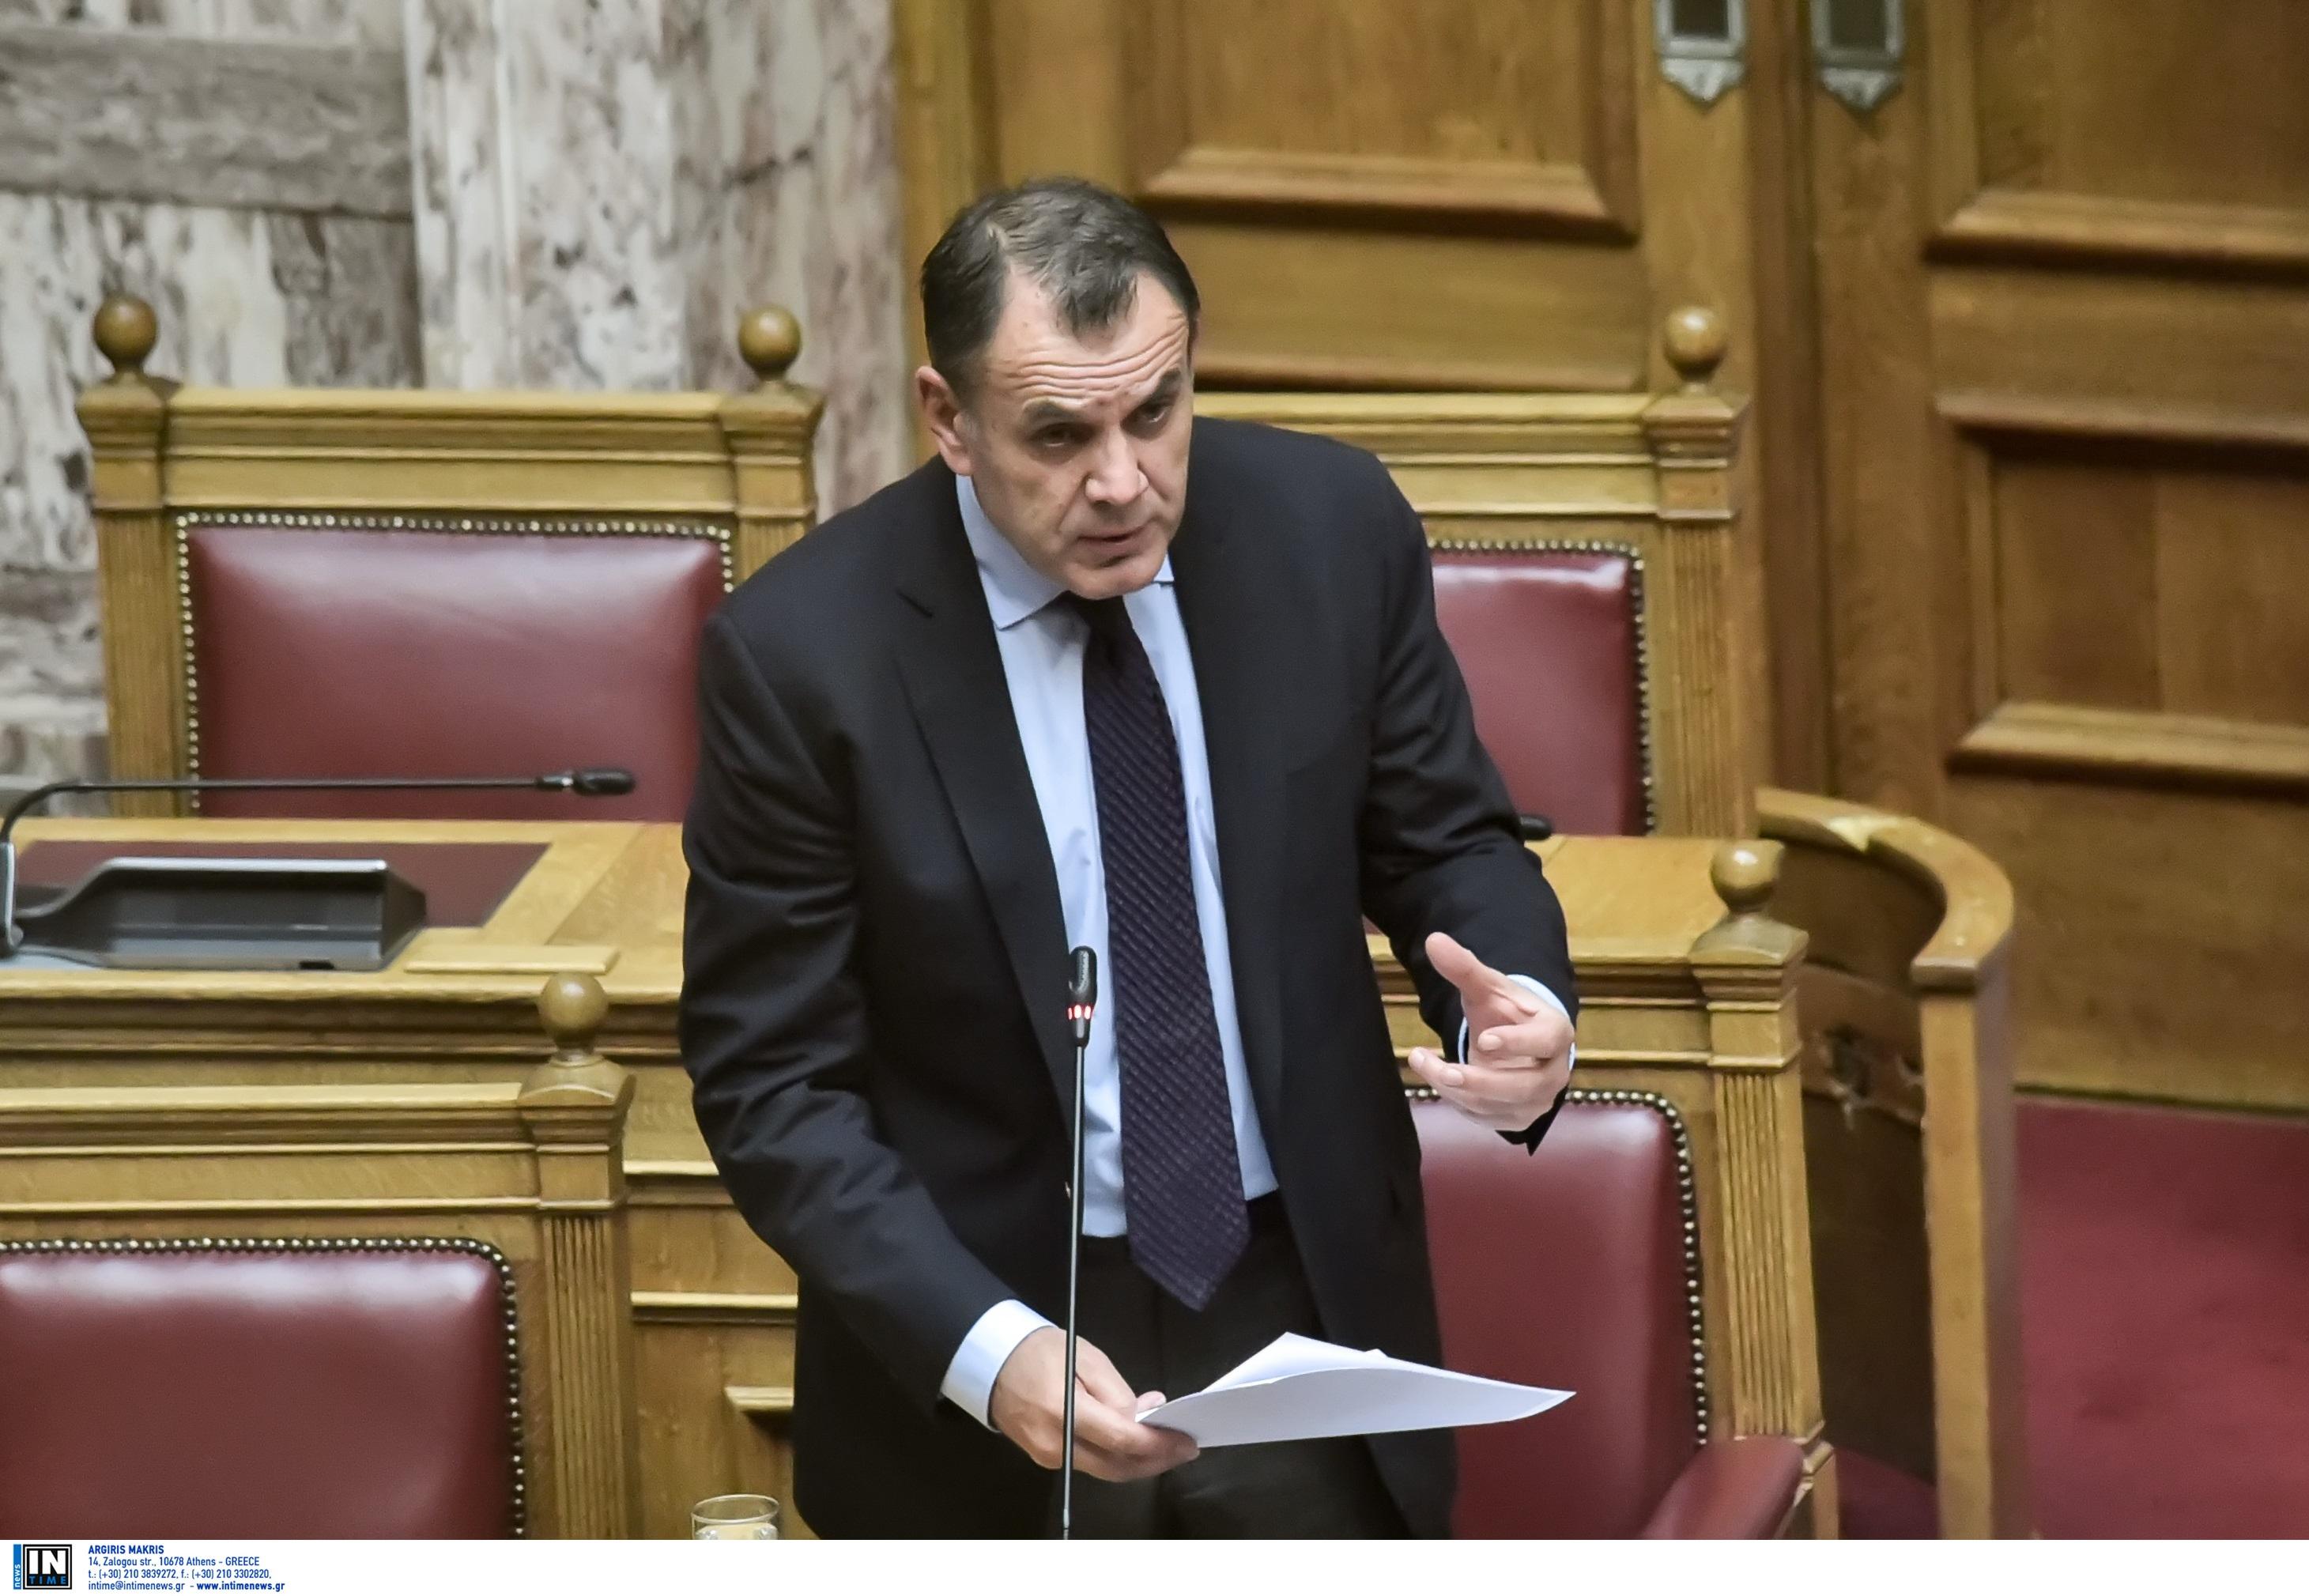 Παναγιωτόπουλος: Επί του παρόντος δεν υπάρχει θέμα αύξησης της στρατιωτικής θητείας